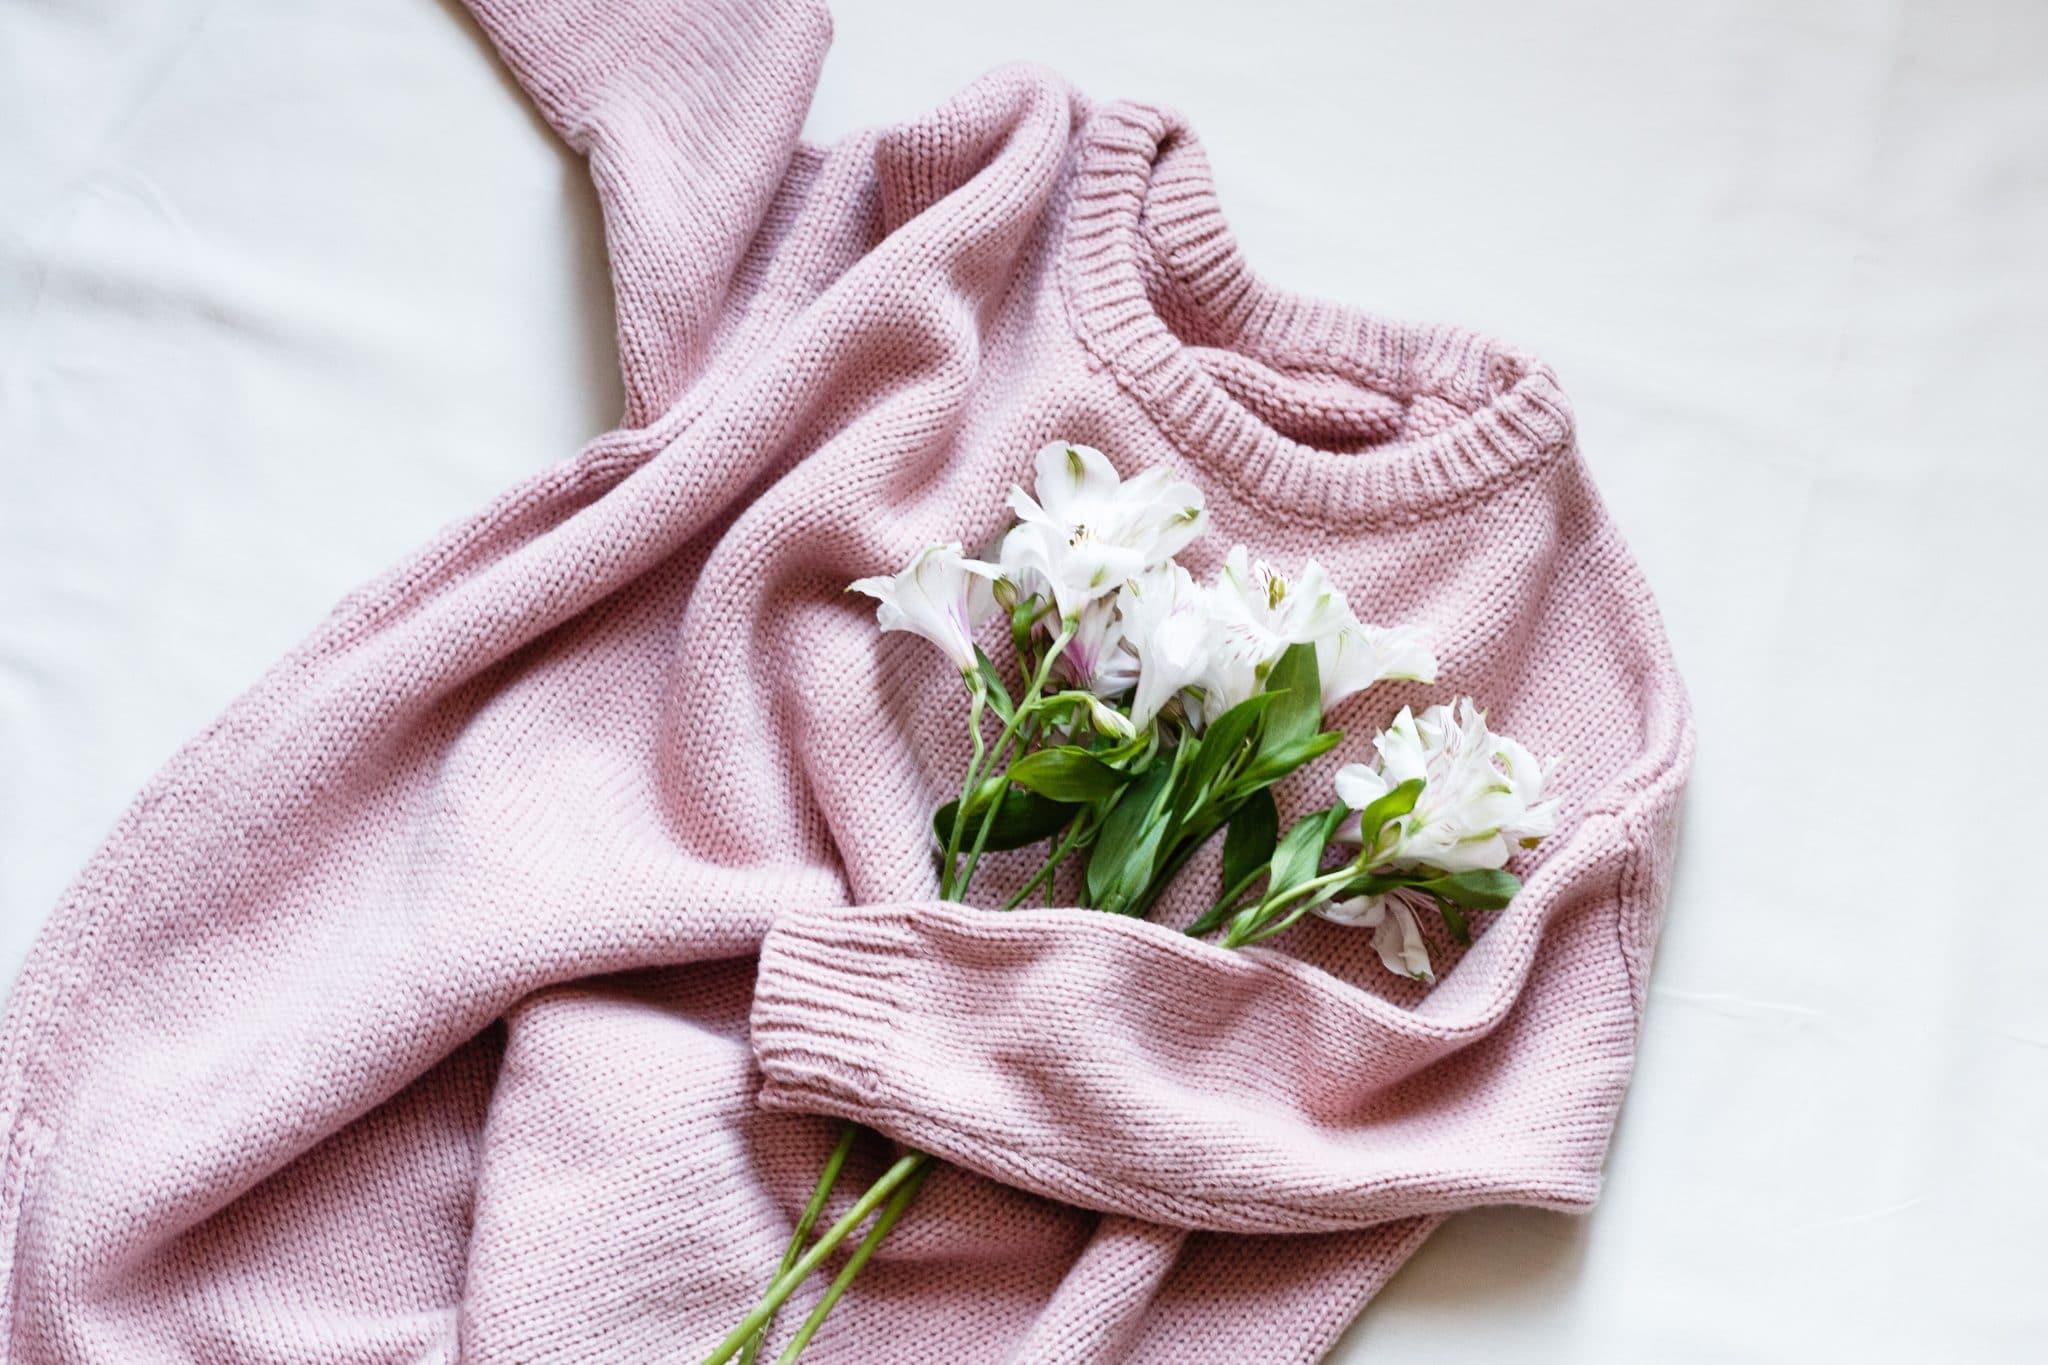 Comment redonner une nouvelle vie à ses vêtements?